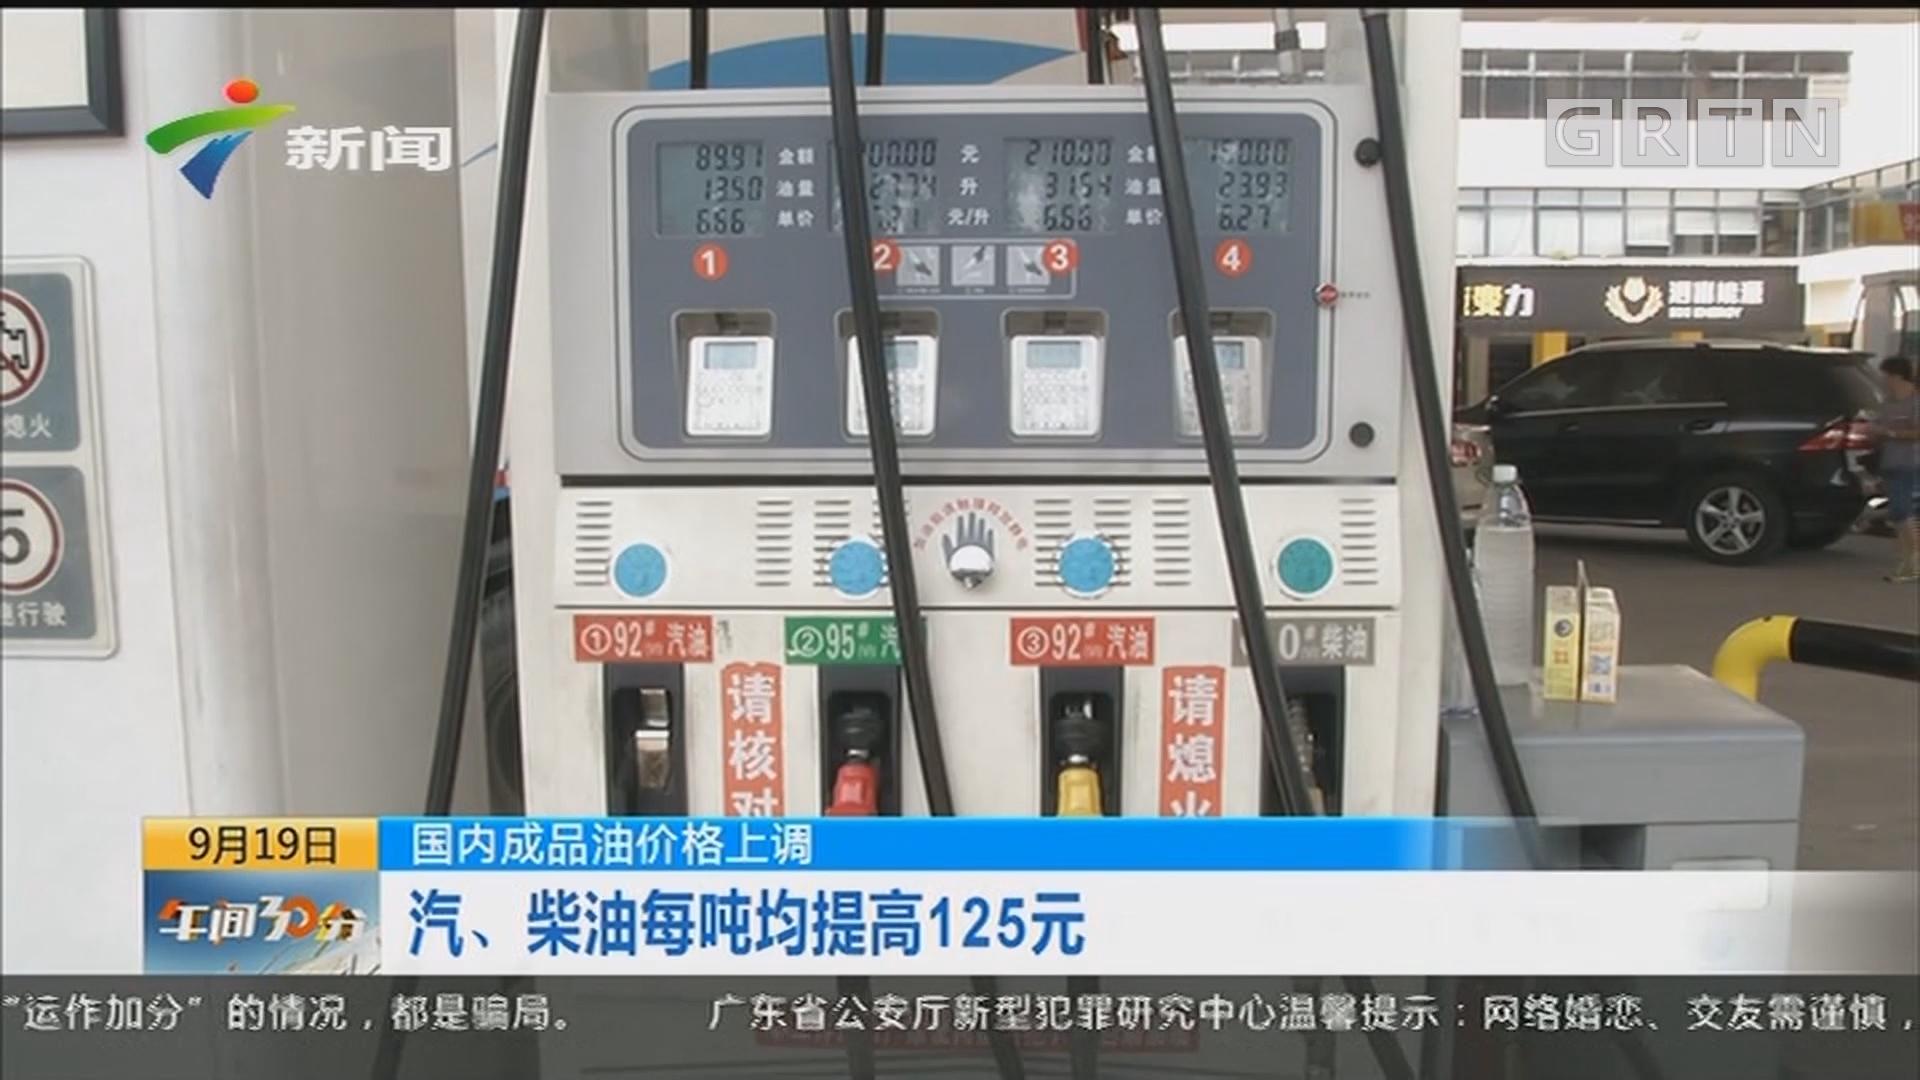 国内成品油价格上调:汽柴油每吨均提高125元